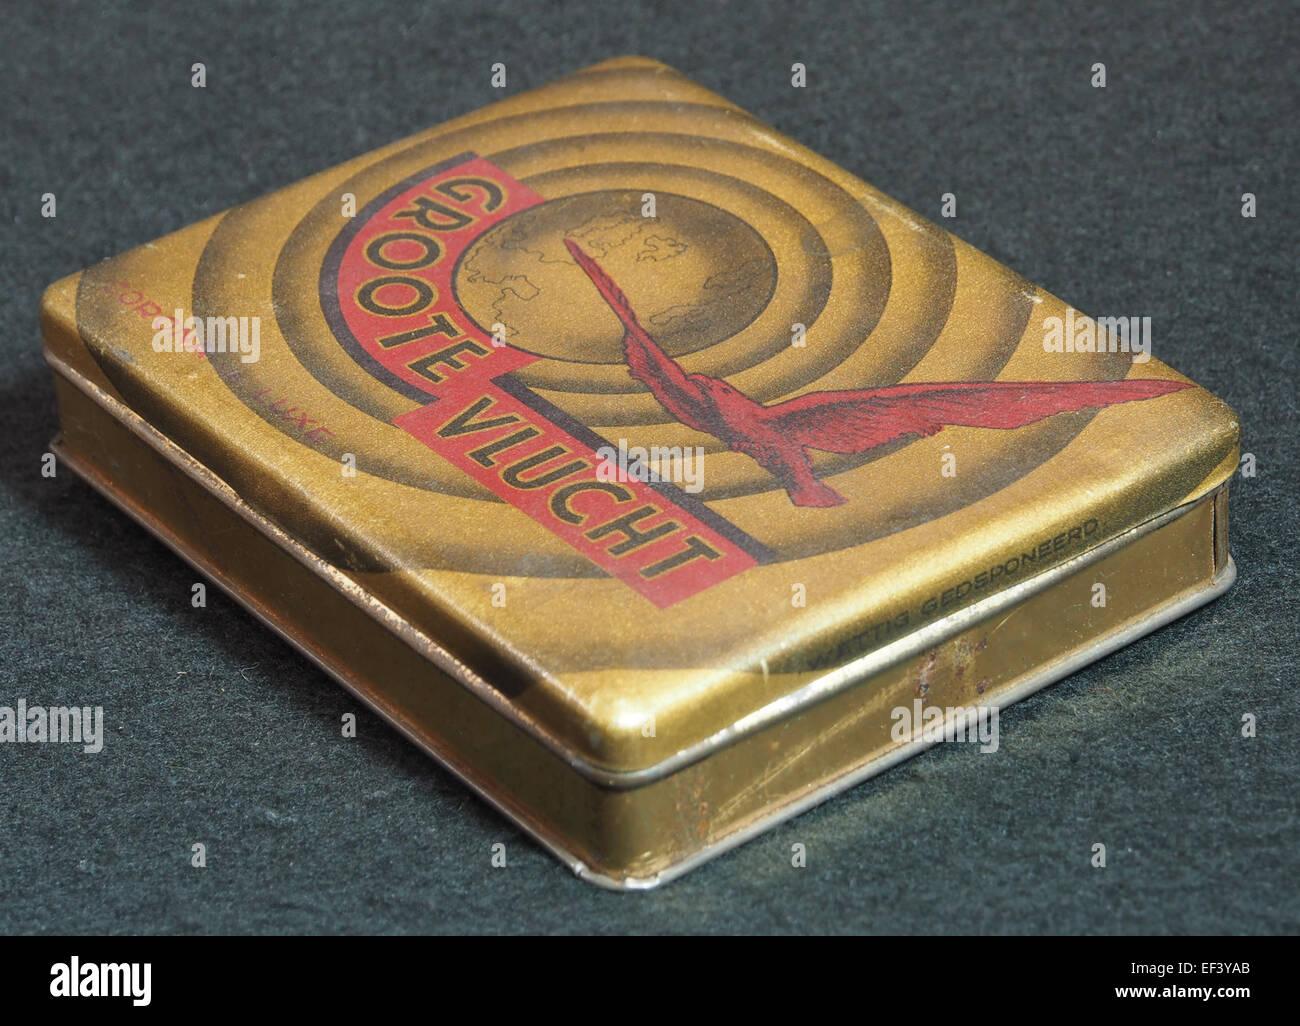 Groote Vlucht, Coroa de Luxe sigarenblikje, foto 3 - Stock Image